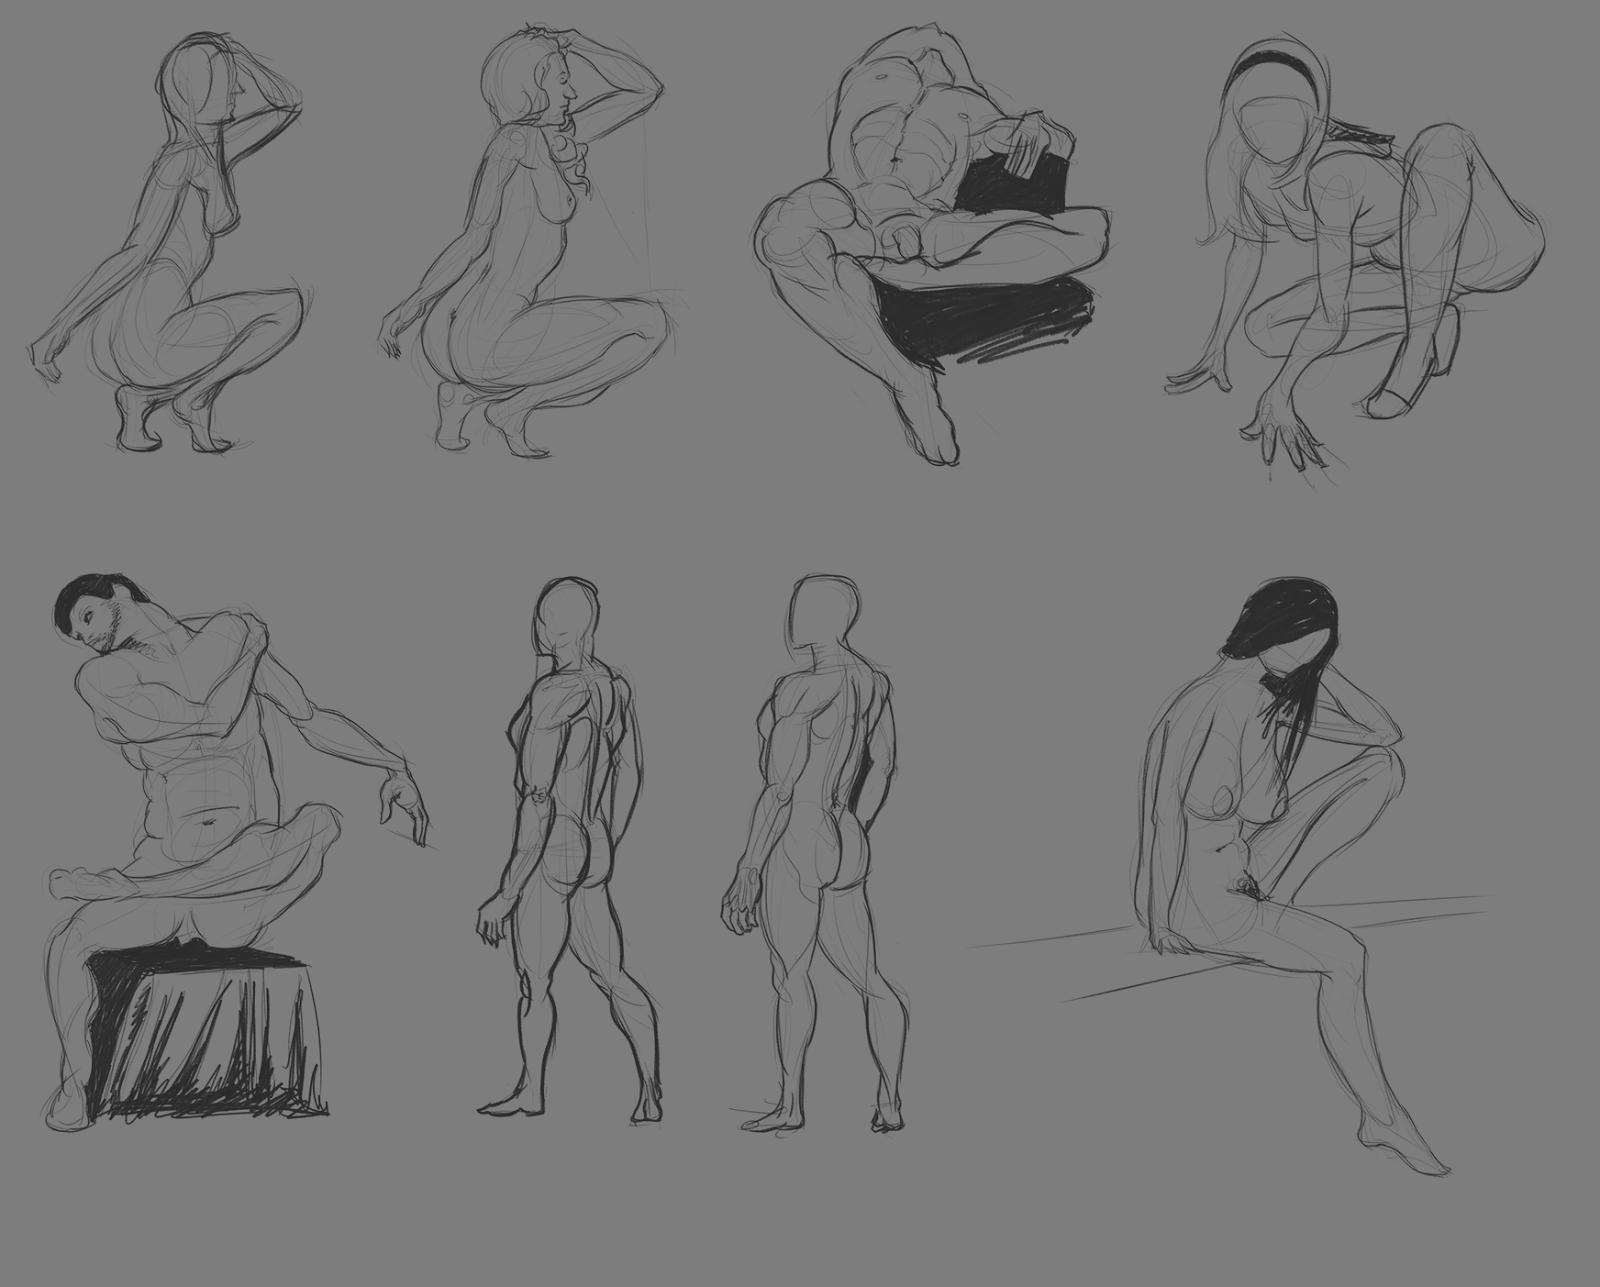 XaB au travail ! [nudity inside] - Page 5 Studies_2016-02-26_Postures